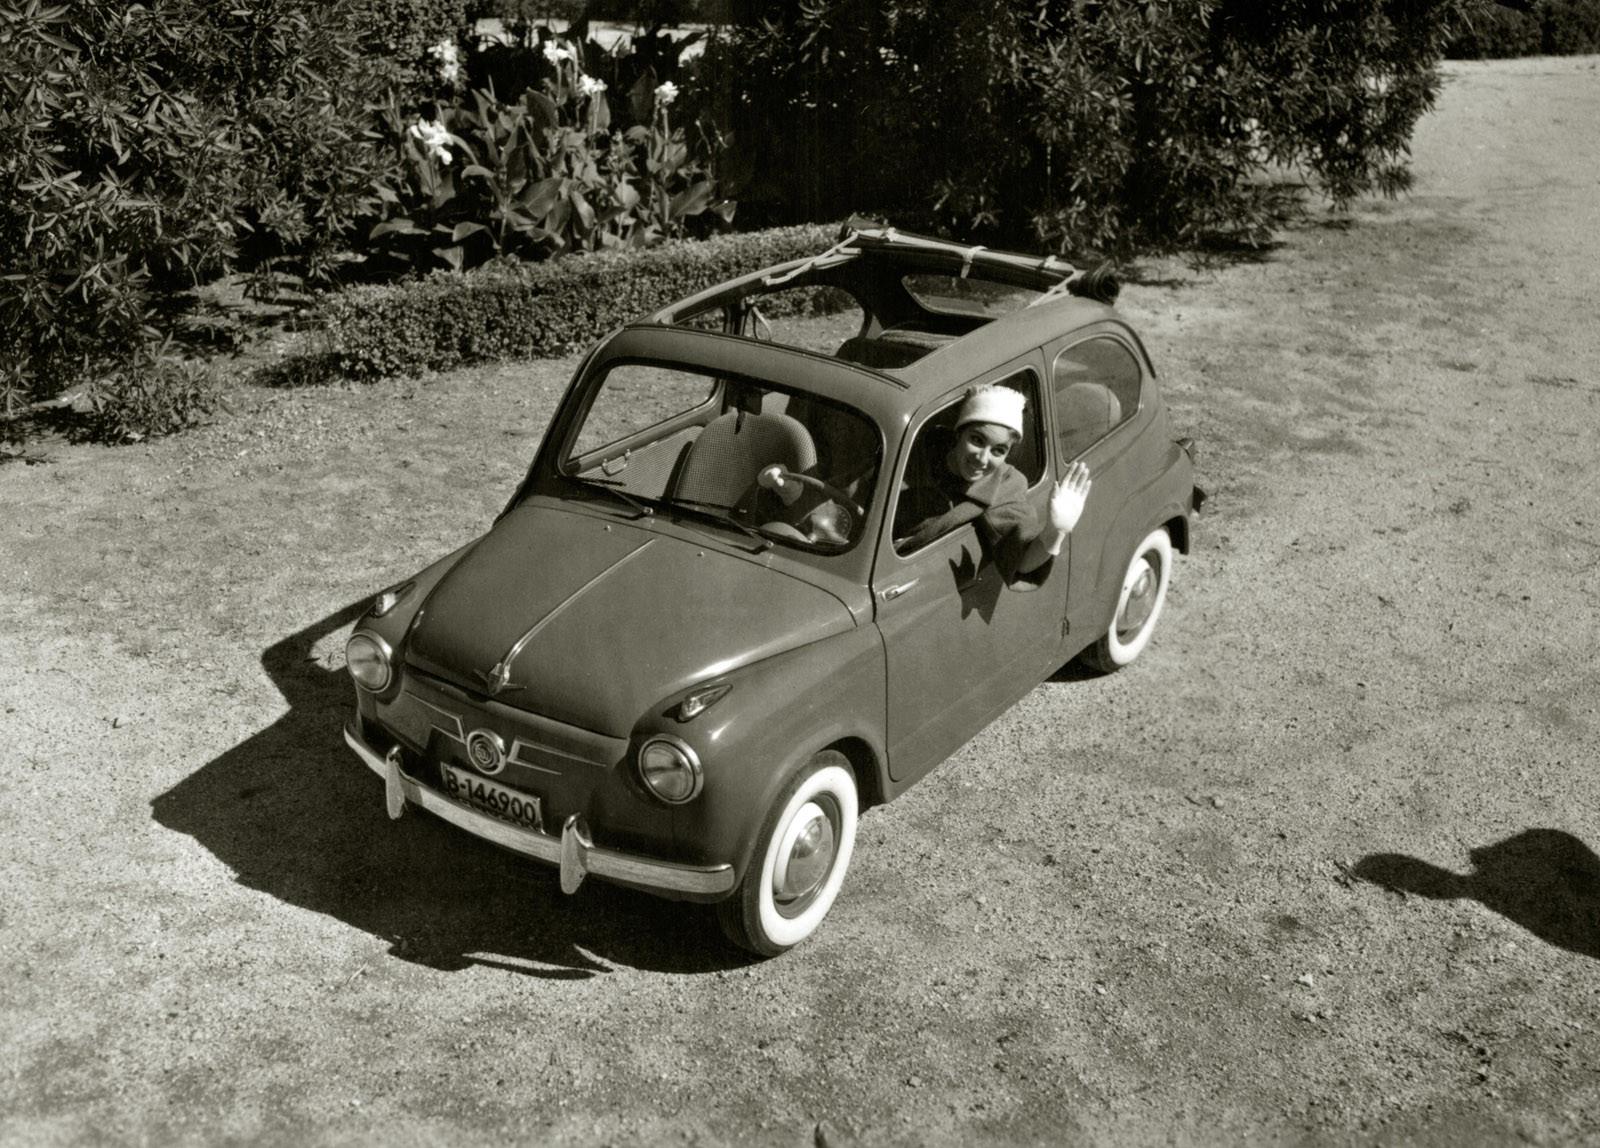 Foto de SEAT 600 (50 Aniversario) (52/64)